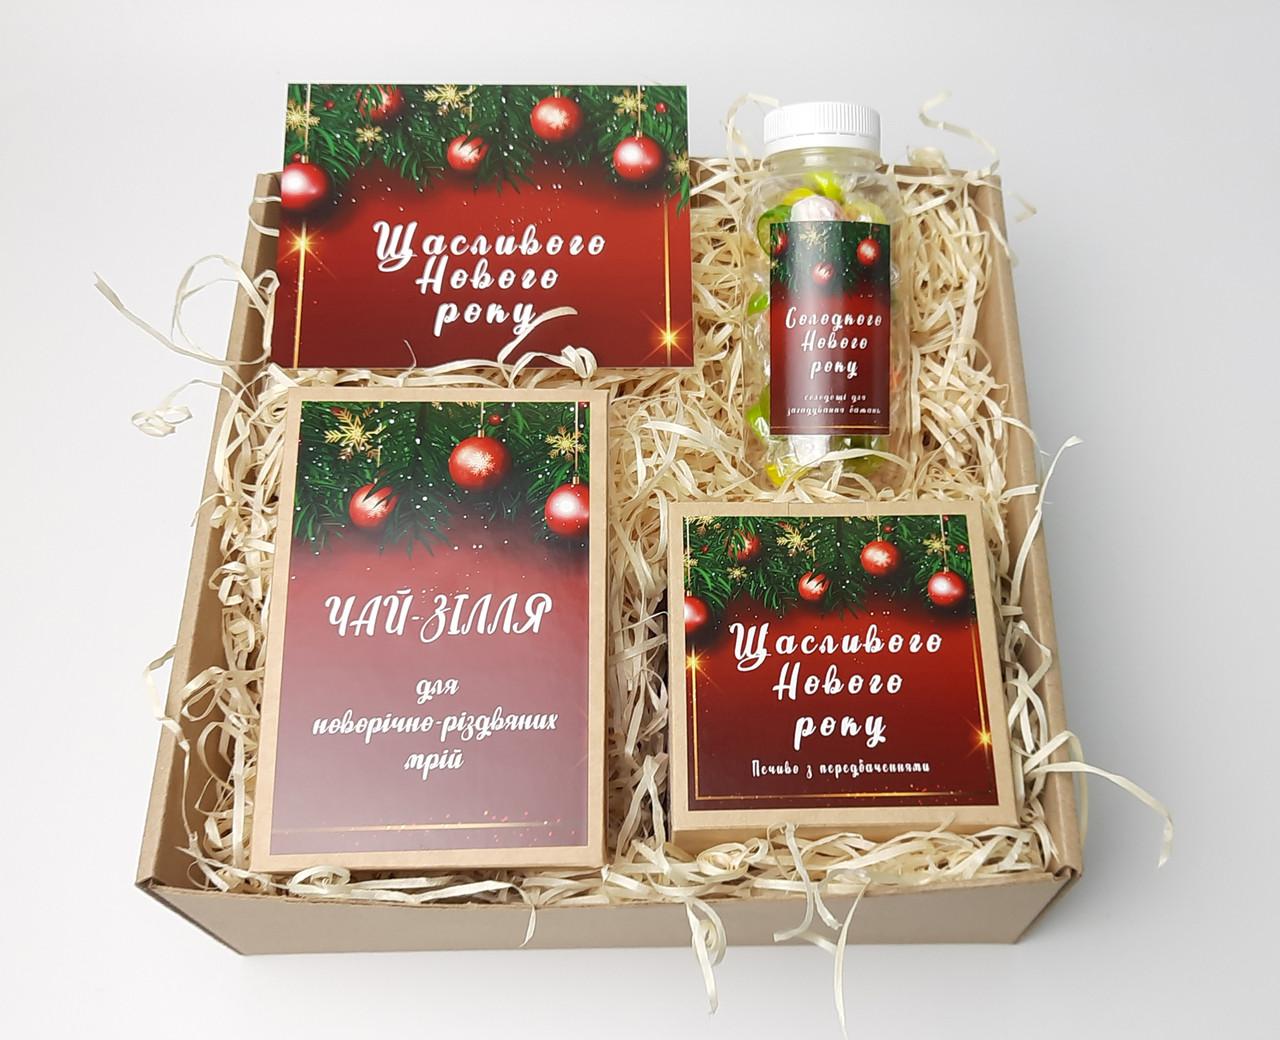 """Новогодний набор """"Щасливого нового року"""":  печенье с предсказаниями новогоднее, чай, конфеты, открытки"""